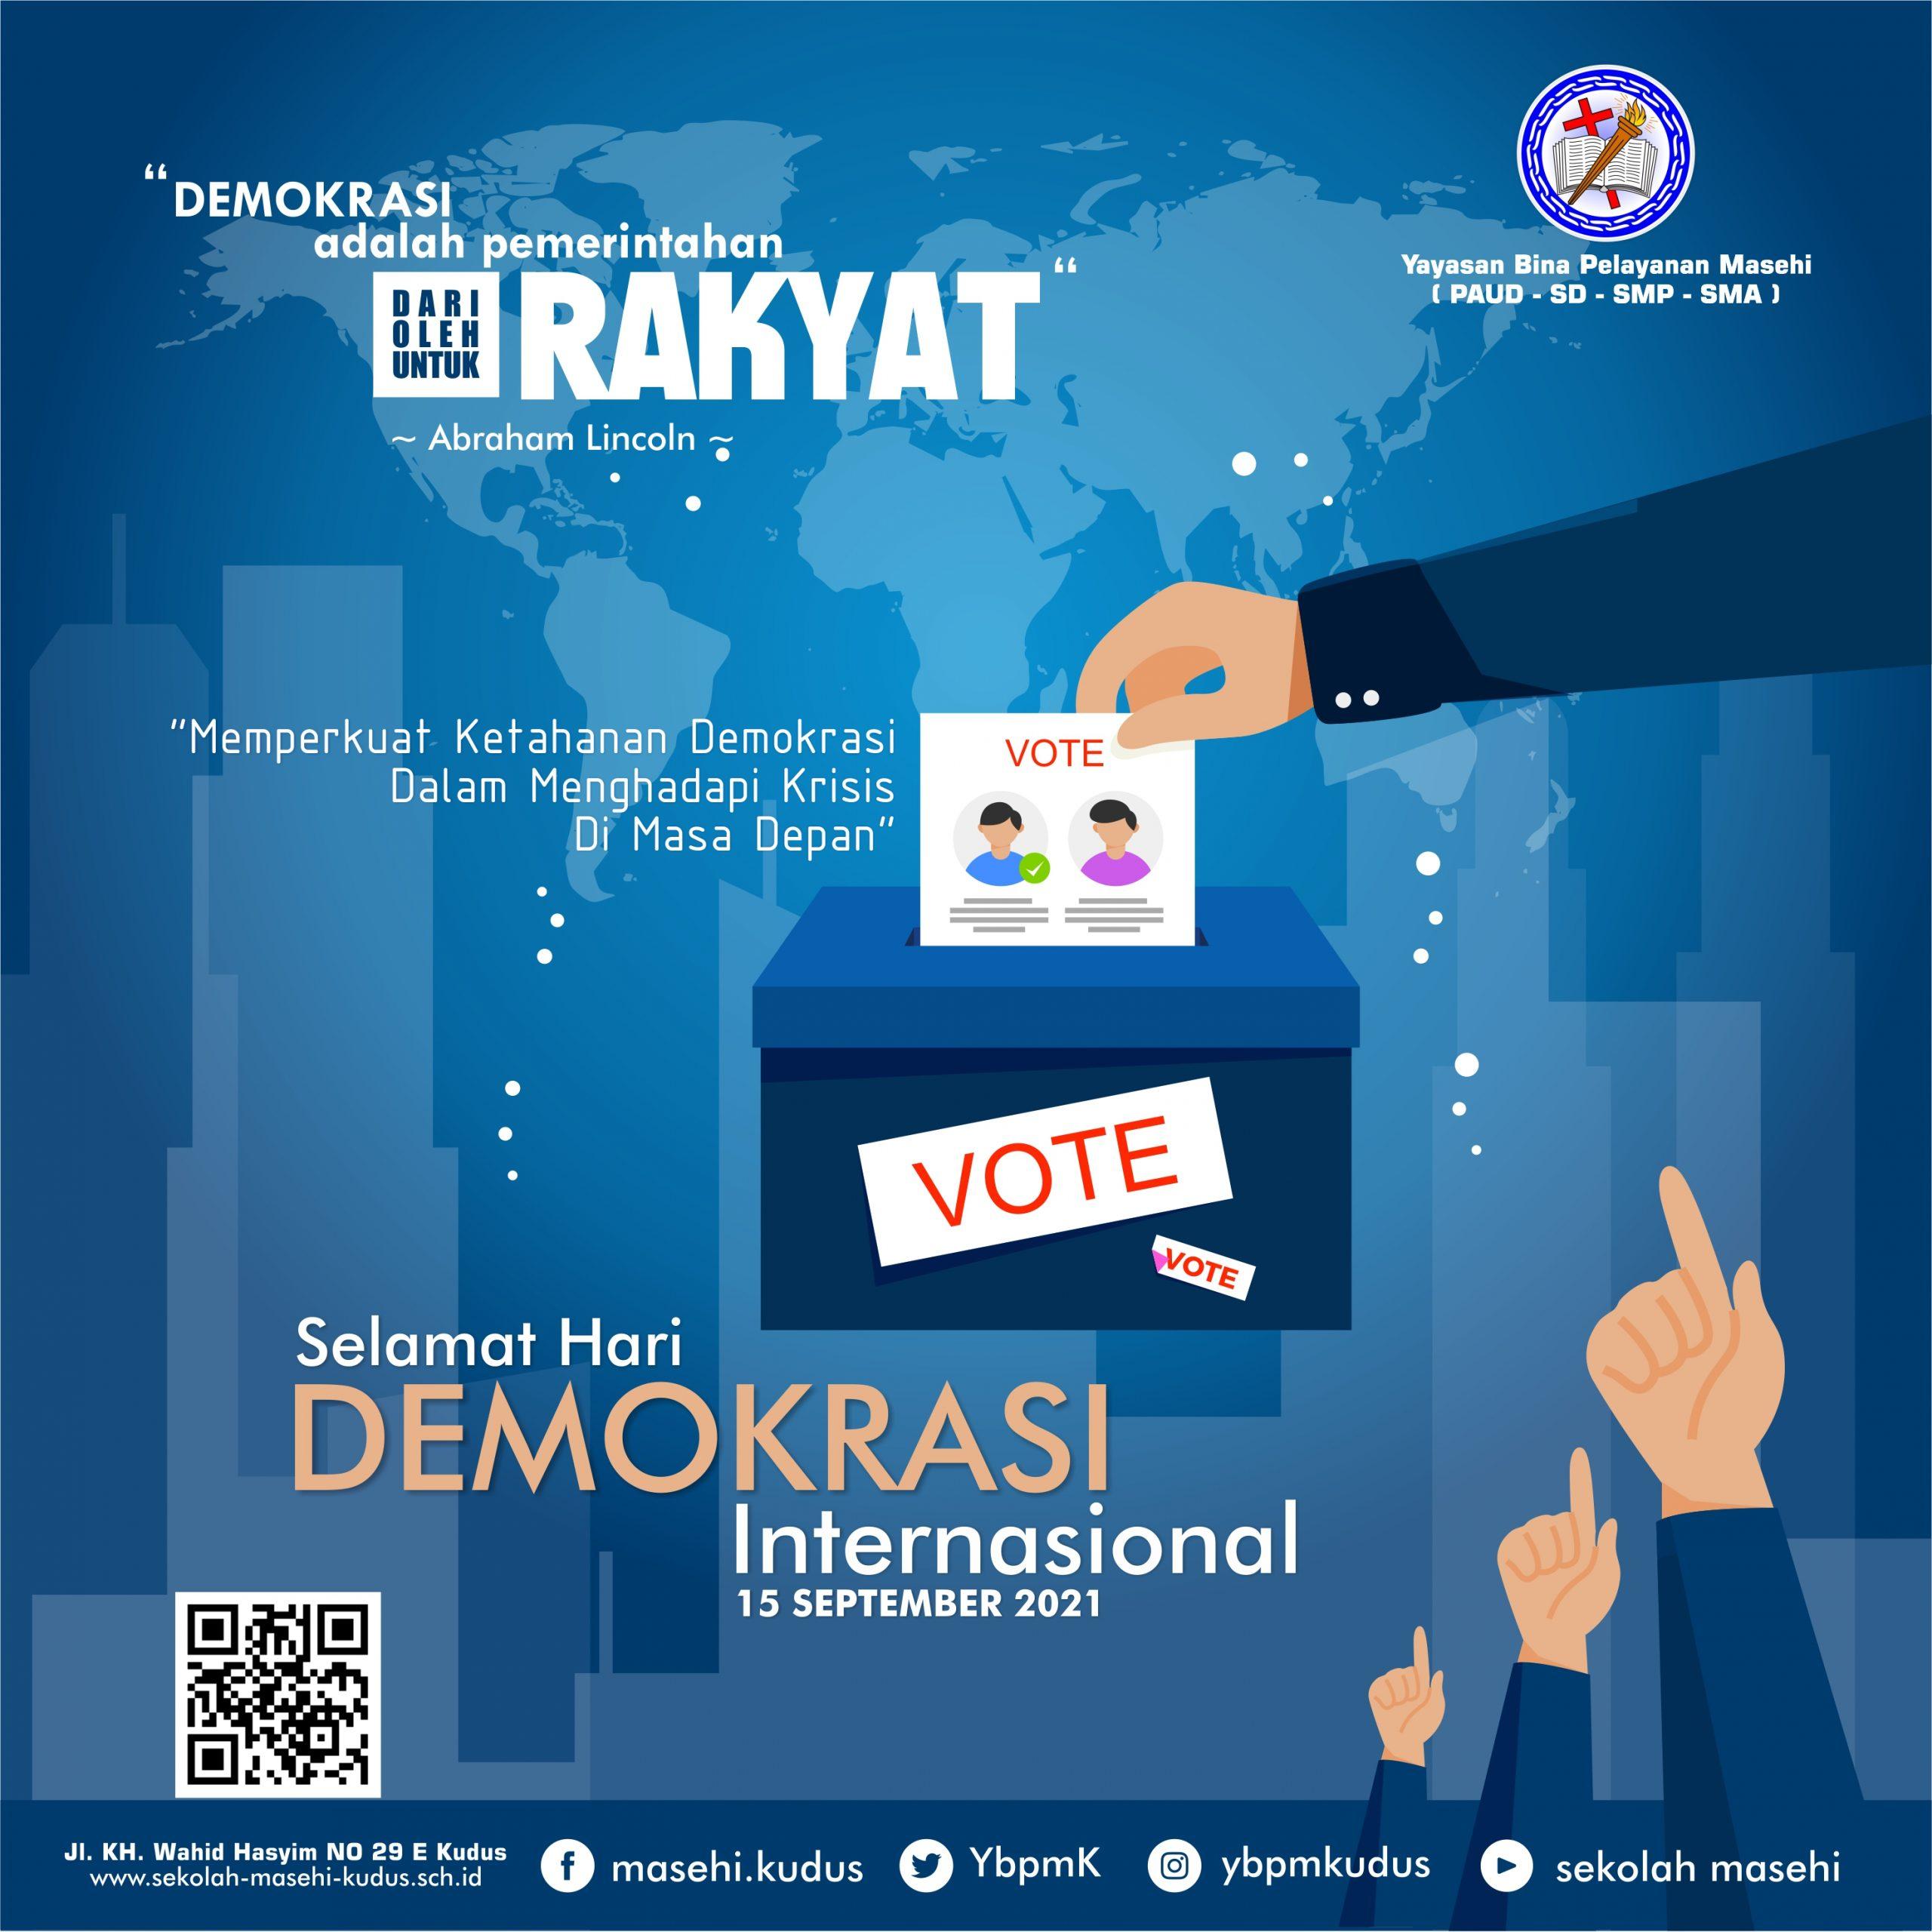 Selamat Hari Demokrasi Internasional